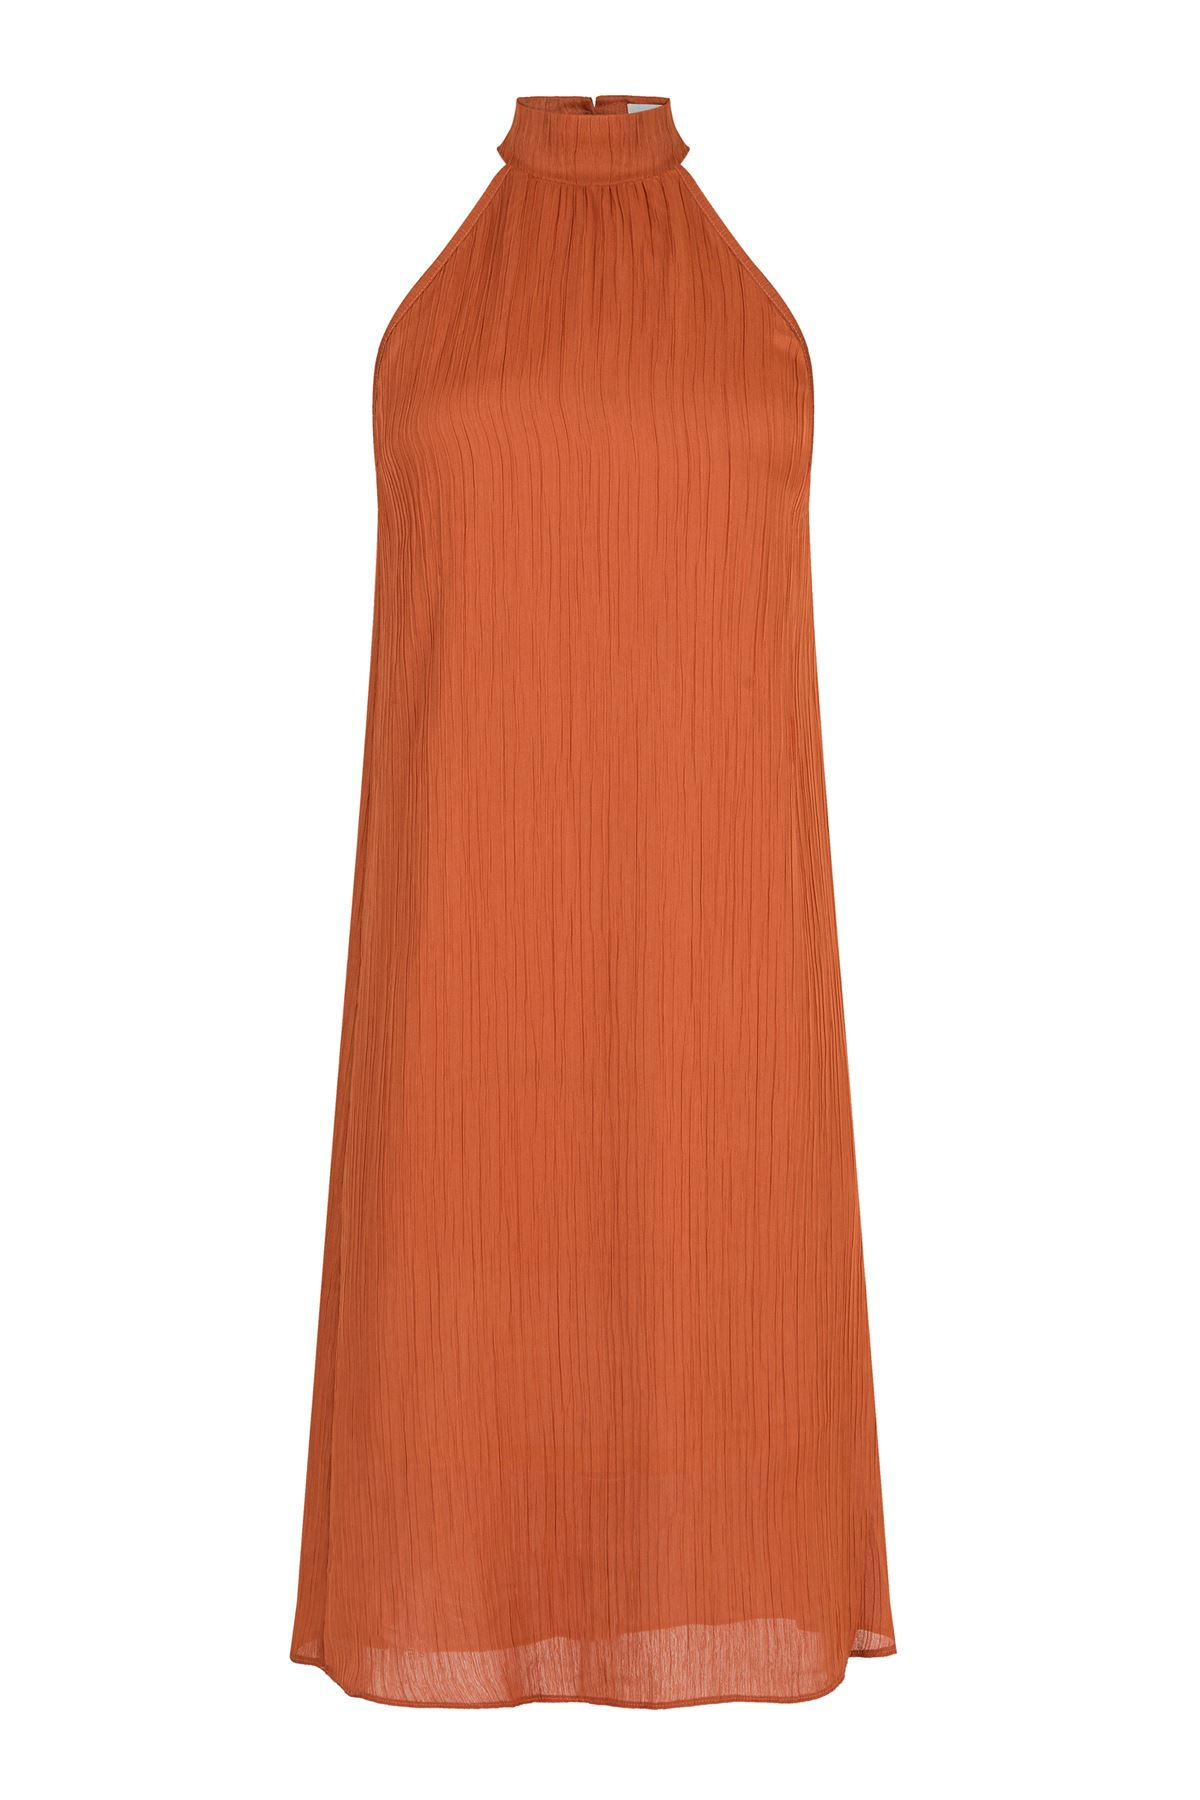 Kendinden Pileli Midi Elbise (Kiremit Rengi)